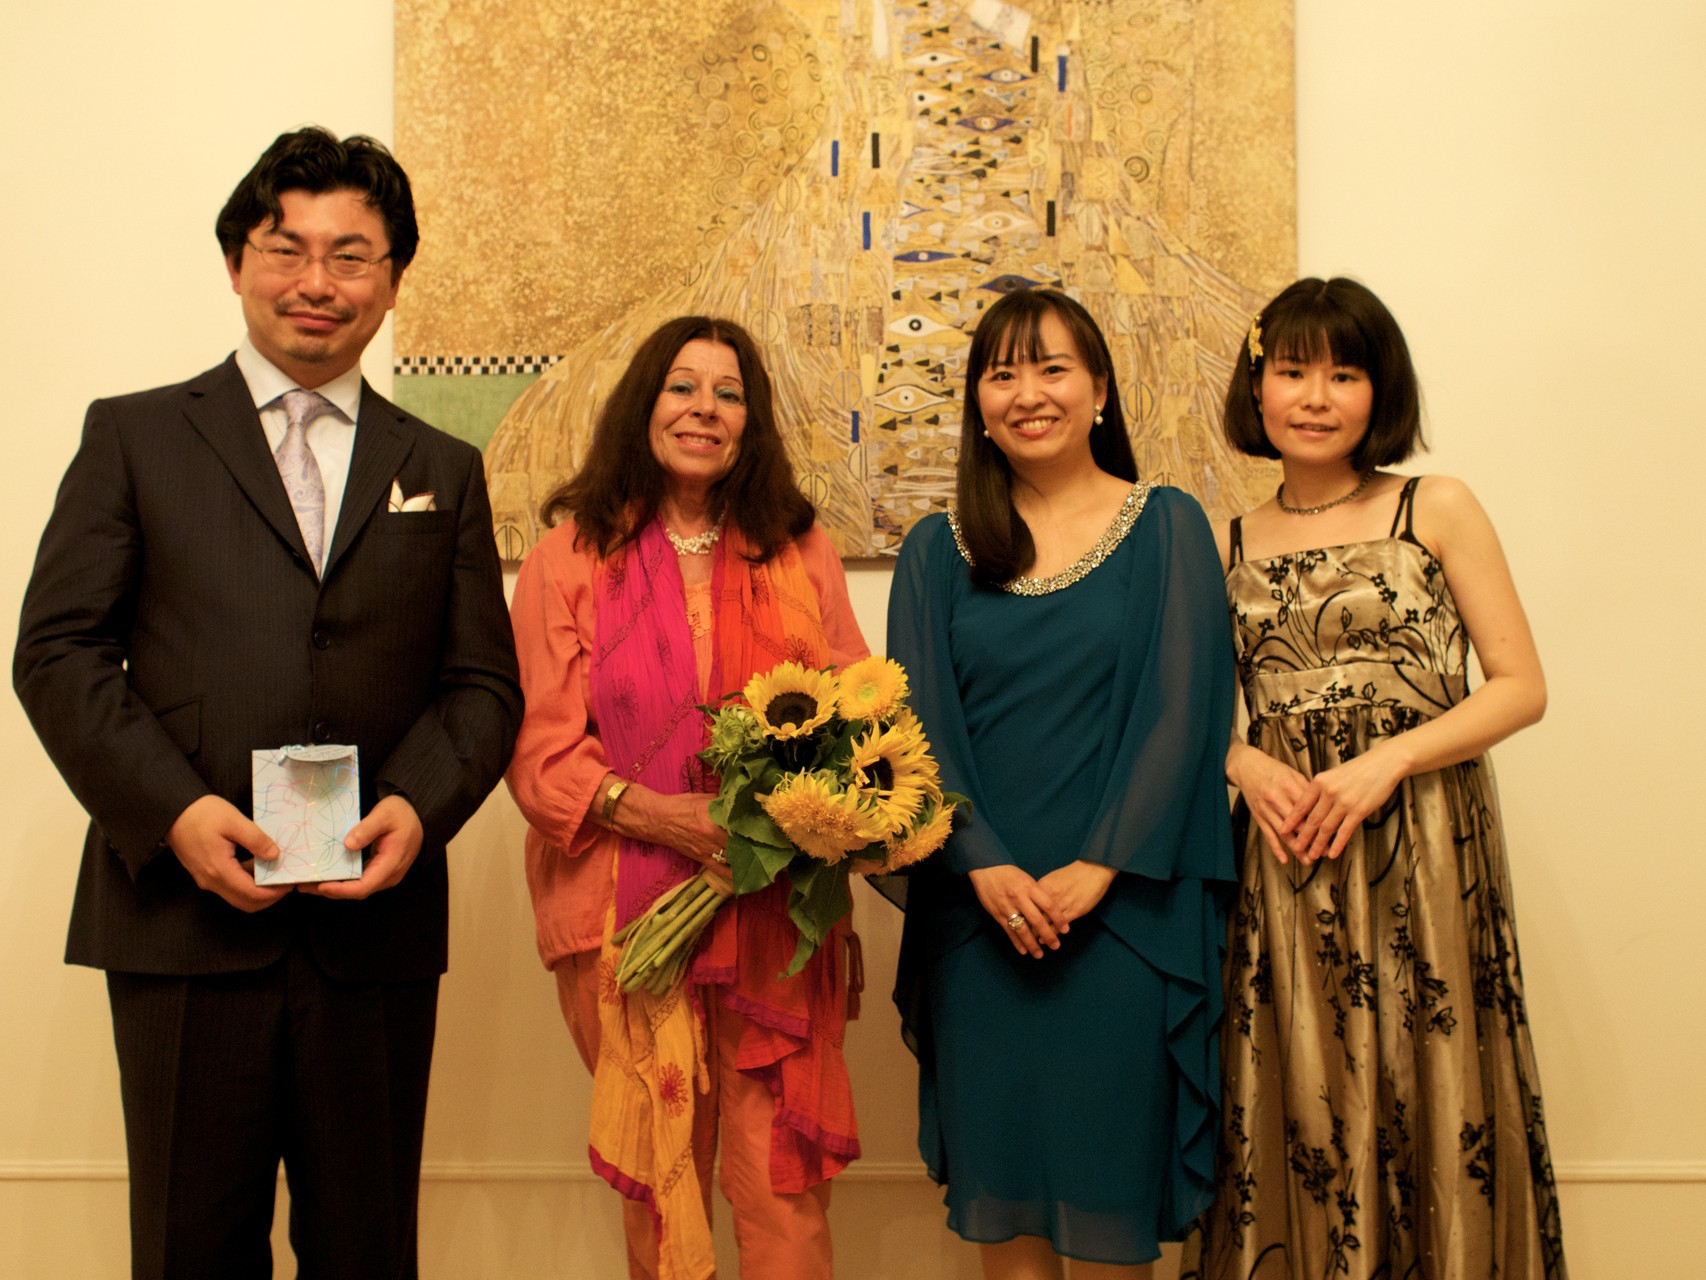 赤松林太郎(ピアノ)、Silvia Sommer(在オーストリア作曲家)、Yoshimi Zeitlinger(ソプラノ)